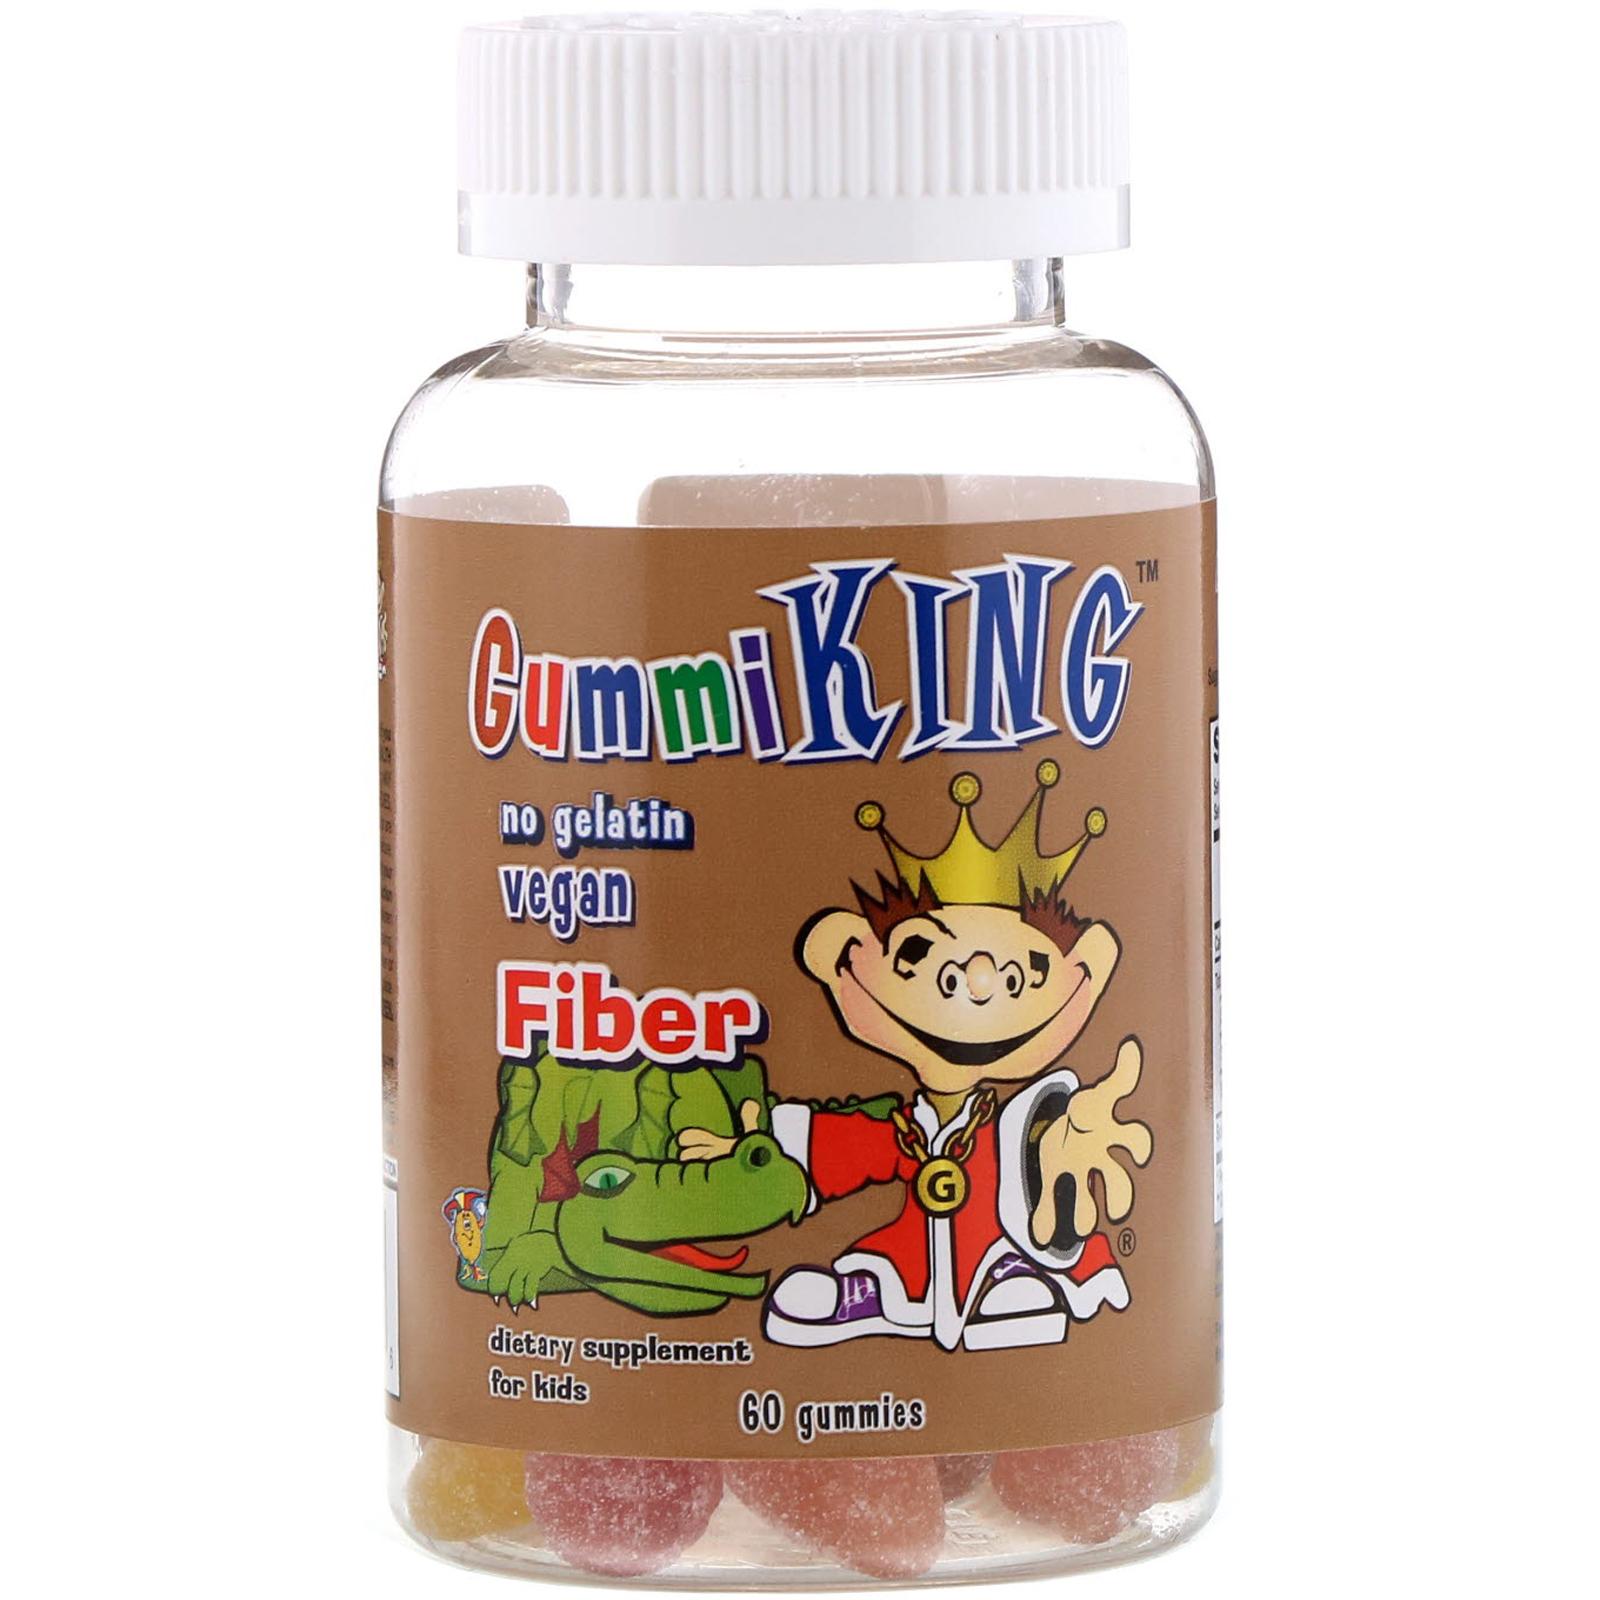 فيتامين Gummies للأطفال فيتامين Gummies للأطفال ملتي فيتامين للأطفال فيتامين Gummies للكبار فيتامين zori Gummies للاطفال فيتامين للأطفال أفضل فيتامين للأطفال يسمن فيتامين كاندي فيت للاطفال فيتامين جاميز للاطفال